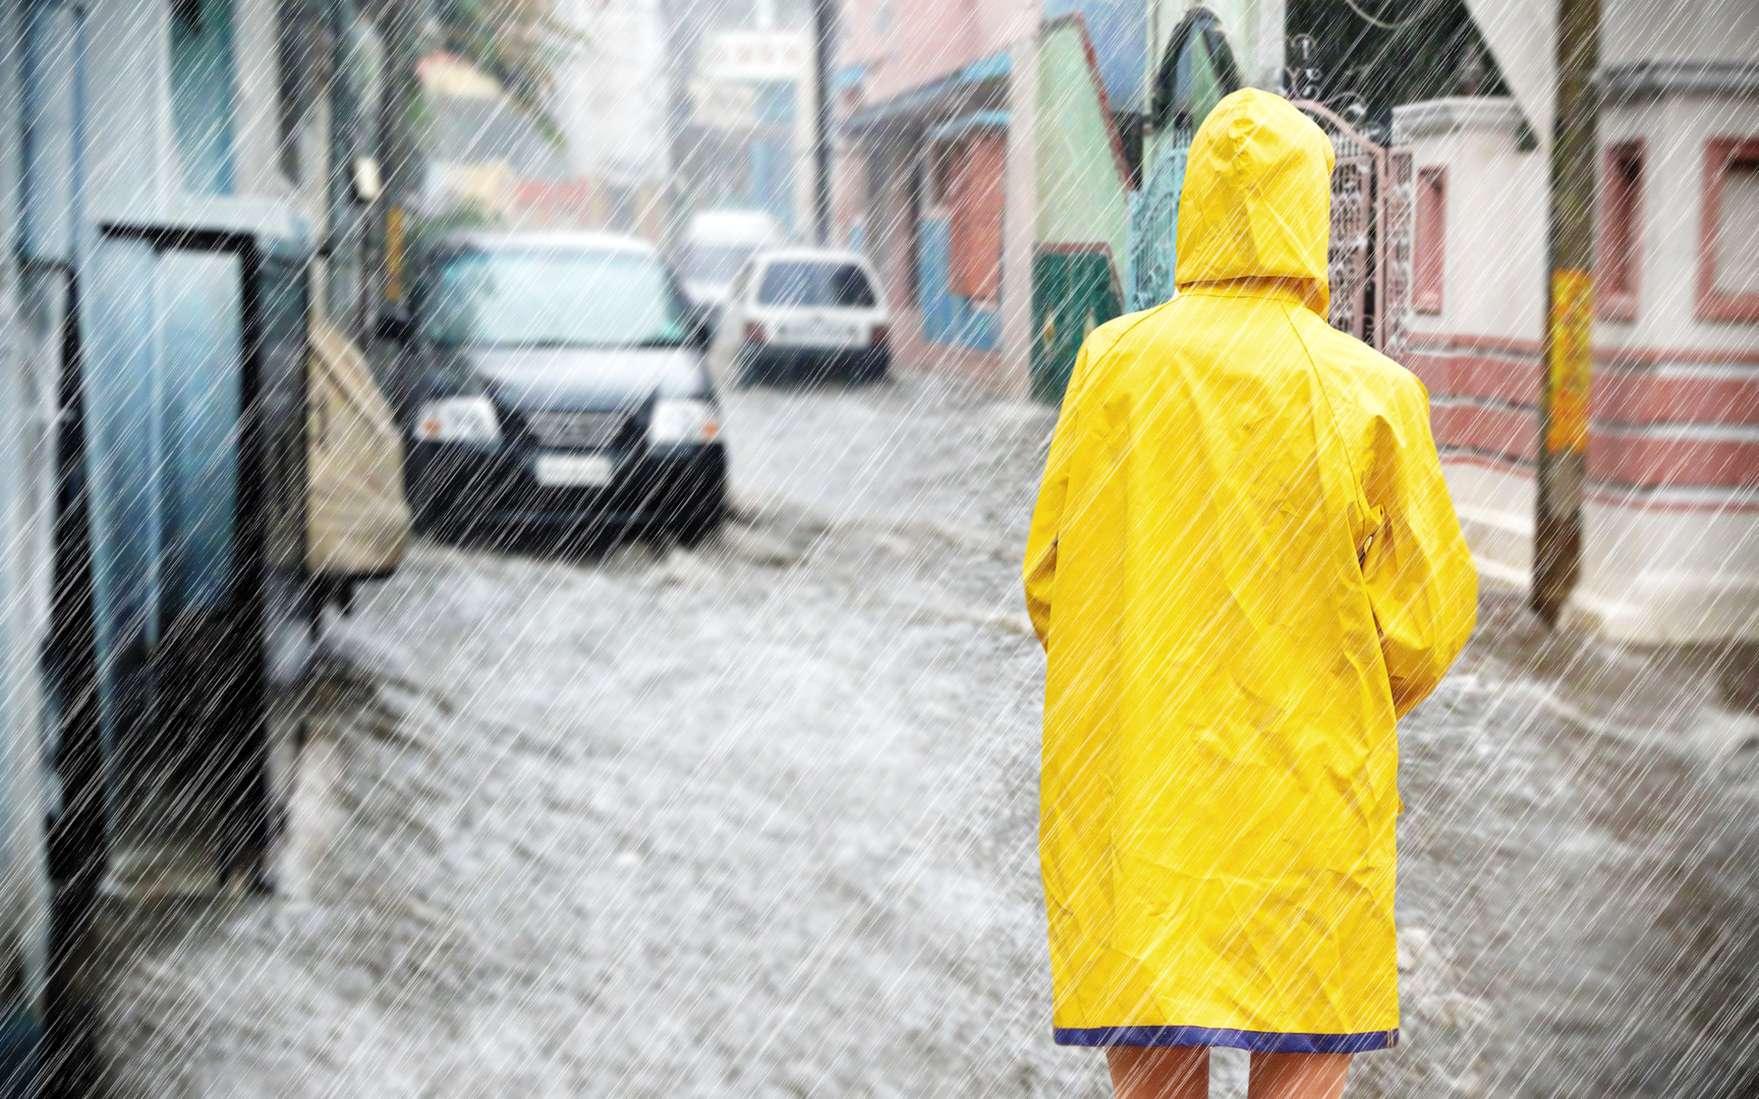 Sécheresses, inondations et canicules vont-elles s'accentuer ?